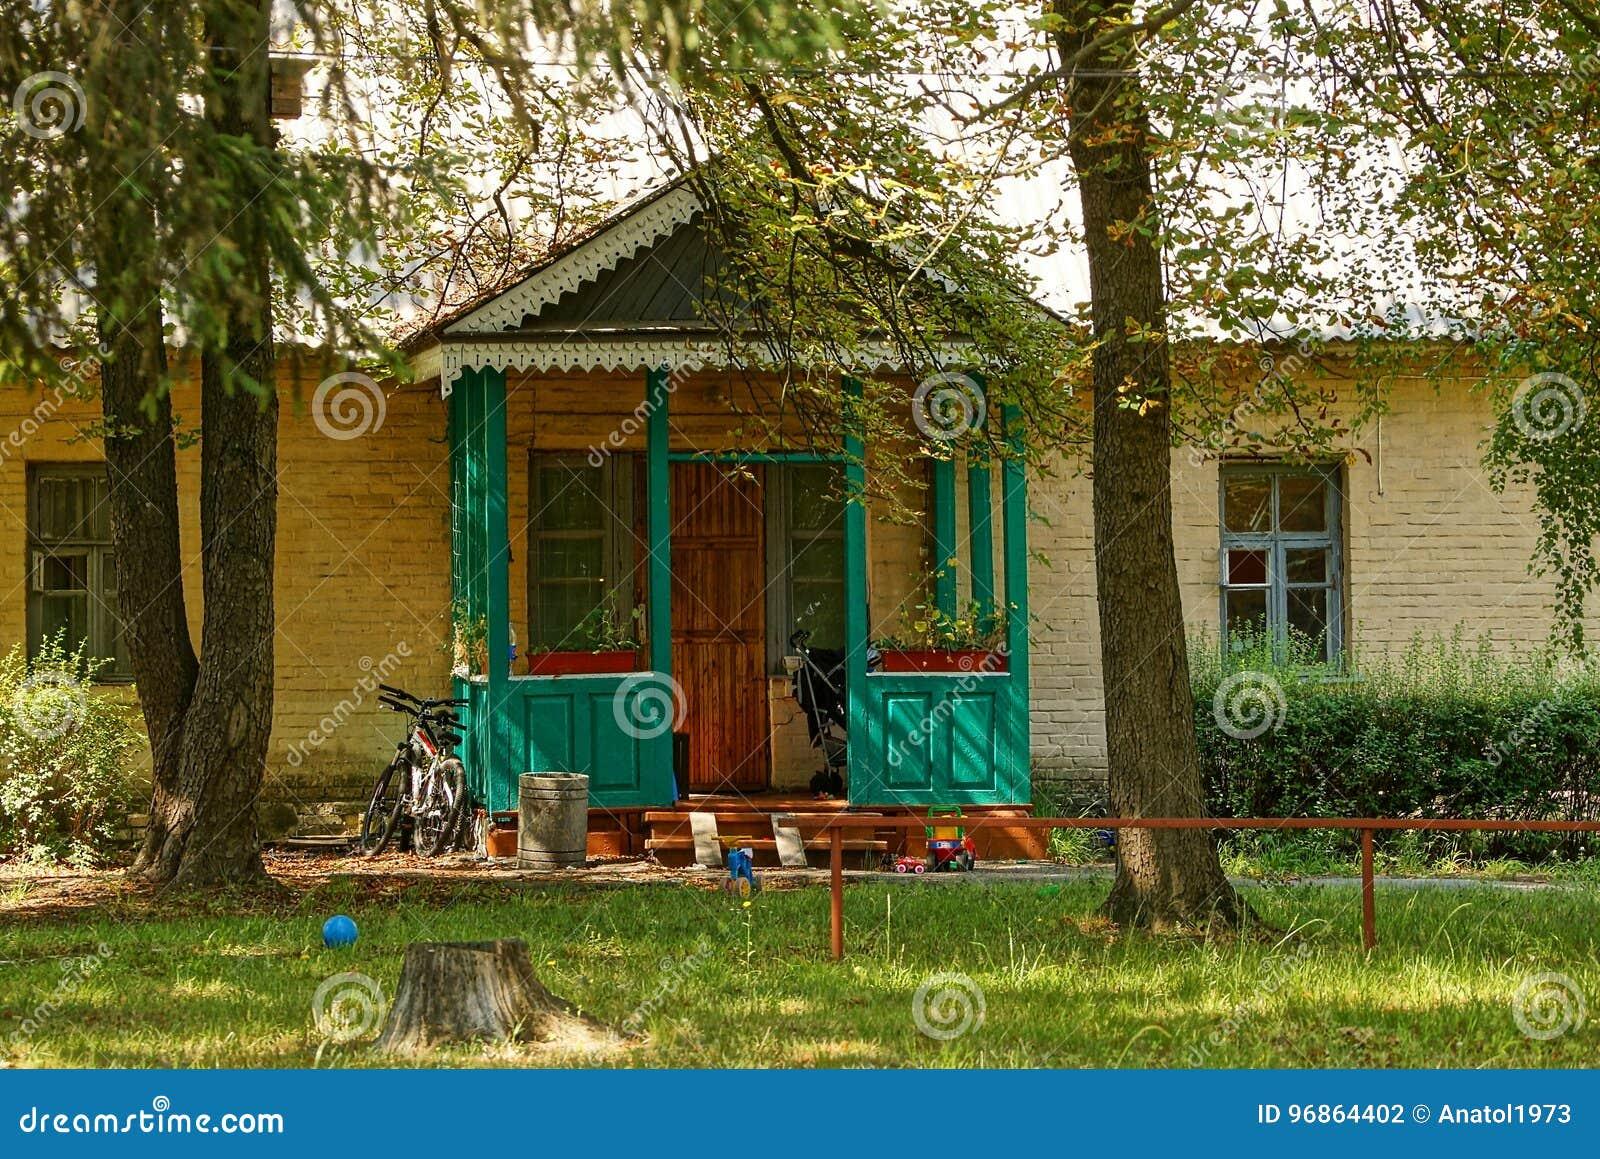 Voorgevel van een landelijk huis met een veranda voor een gazon en